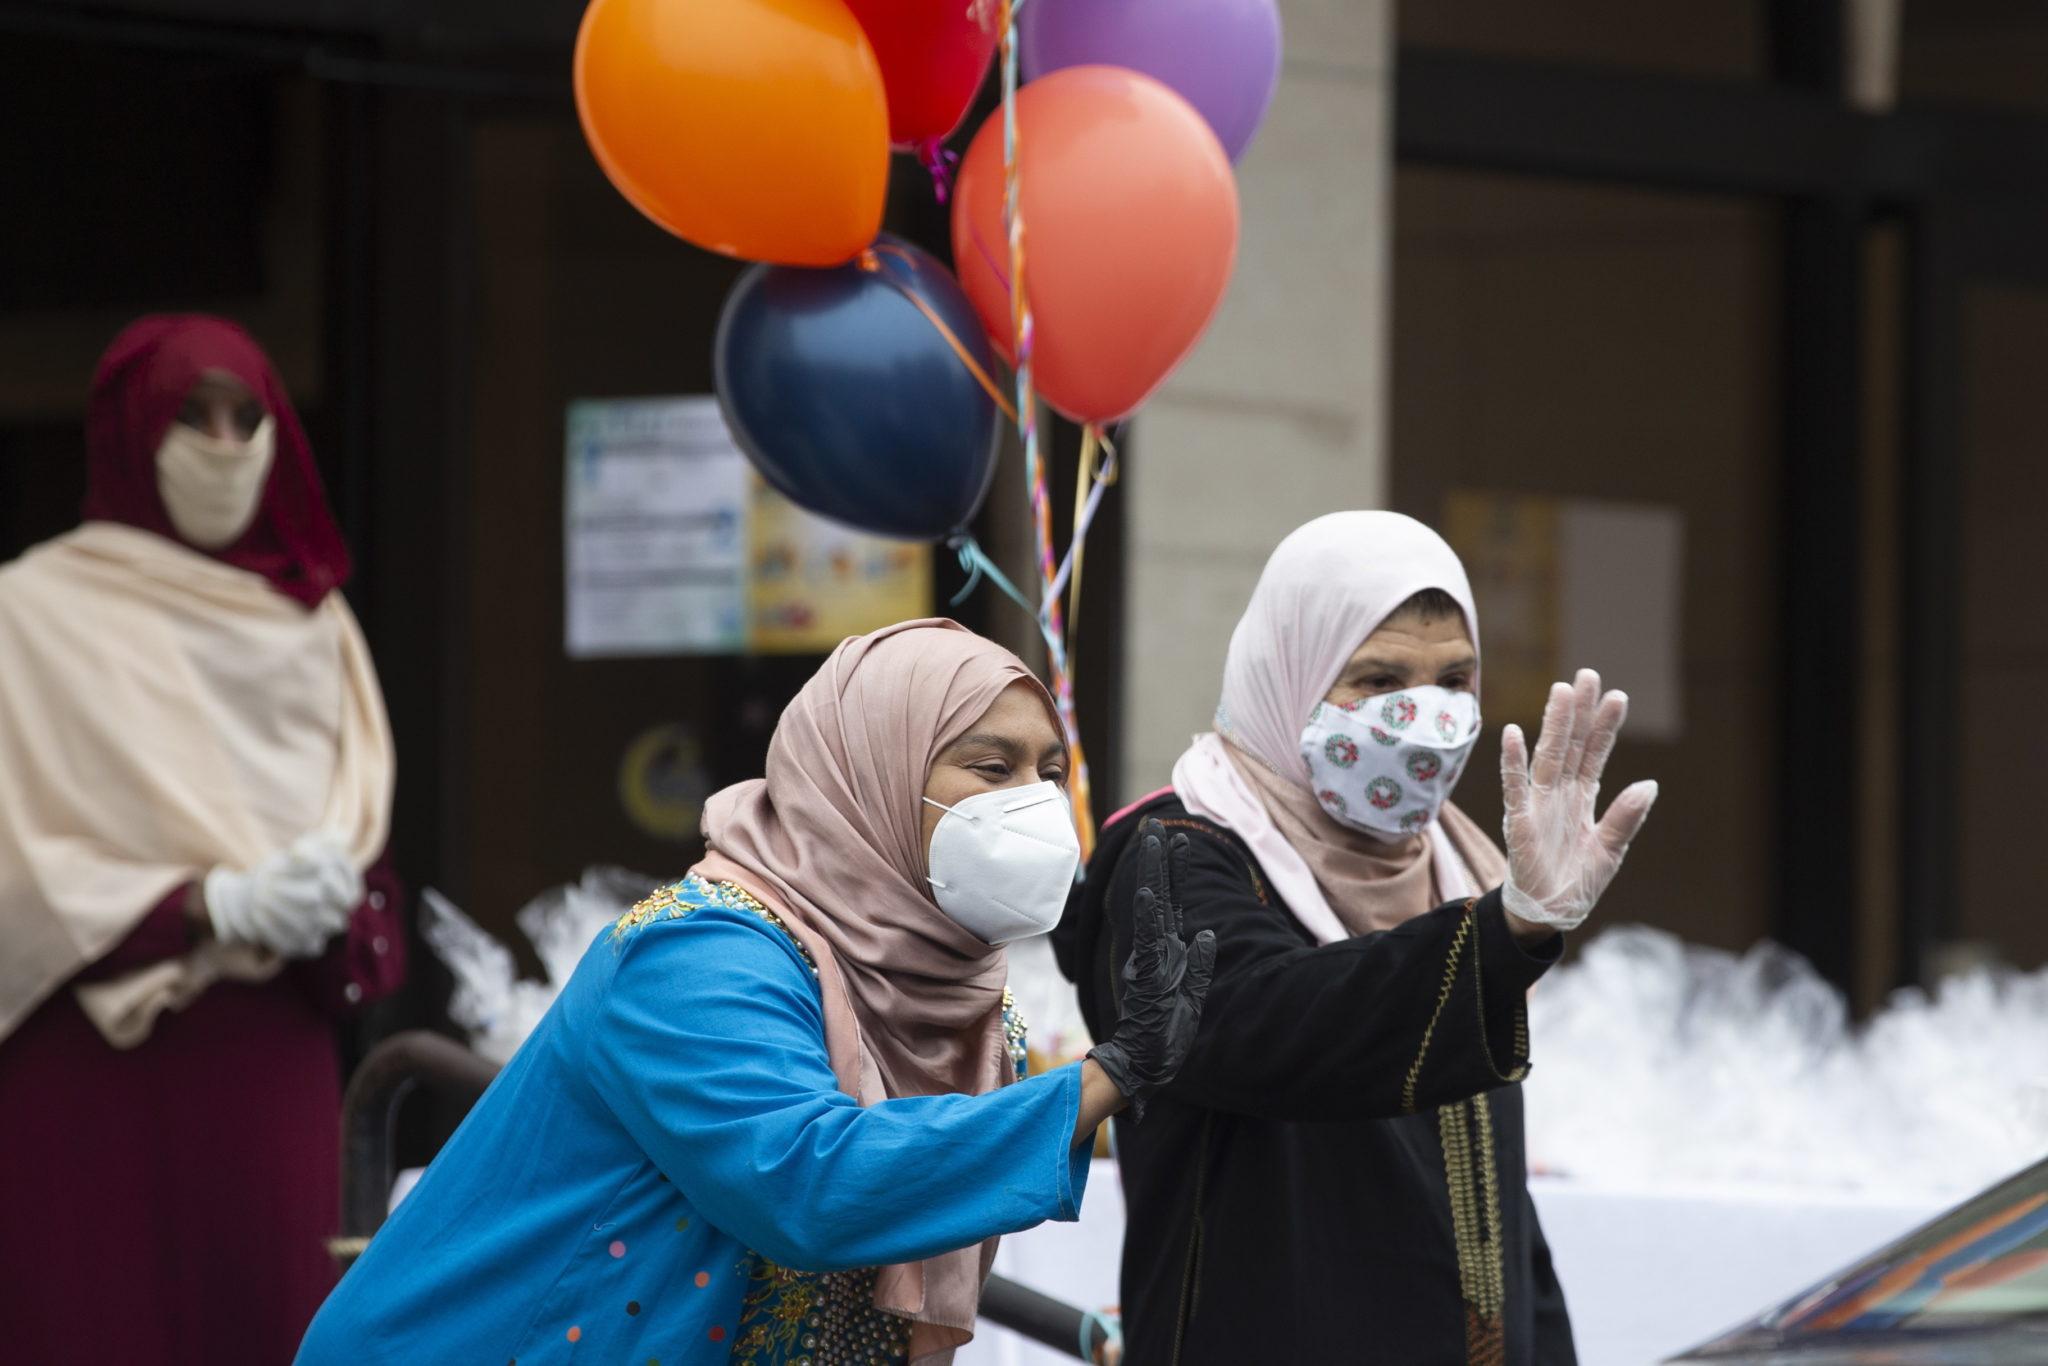 Muzułmanie na całym świecie obchodzą Eid al-Fitr, trzydniowe święto, które oznacza koniec muzułmańskiego świętego miesiąca postu - Ramadanu, fot. EPA/MICHAEL REYNOLDS